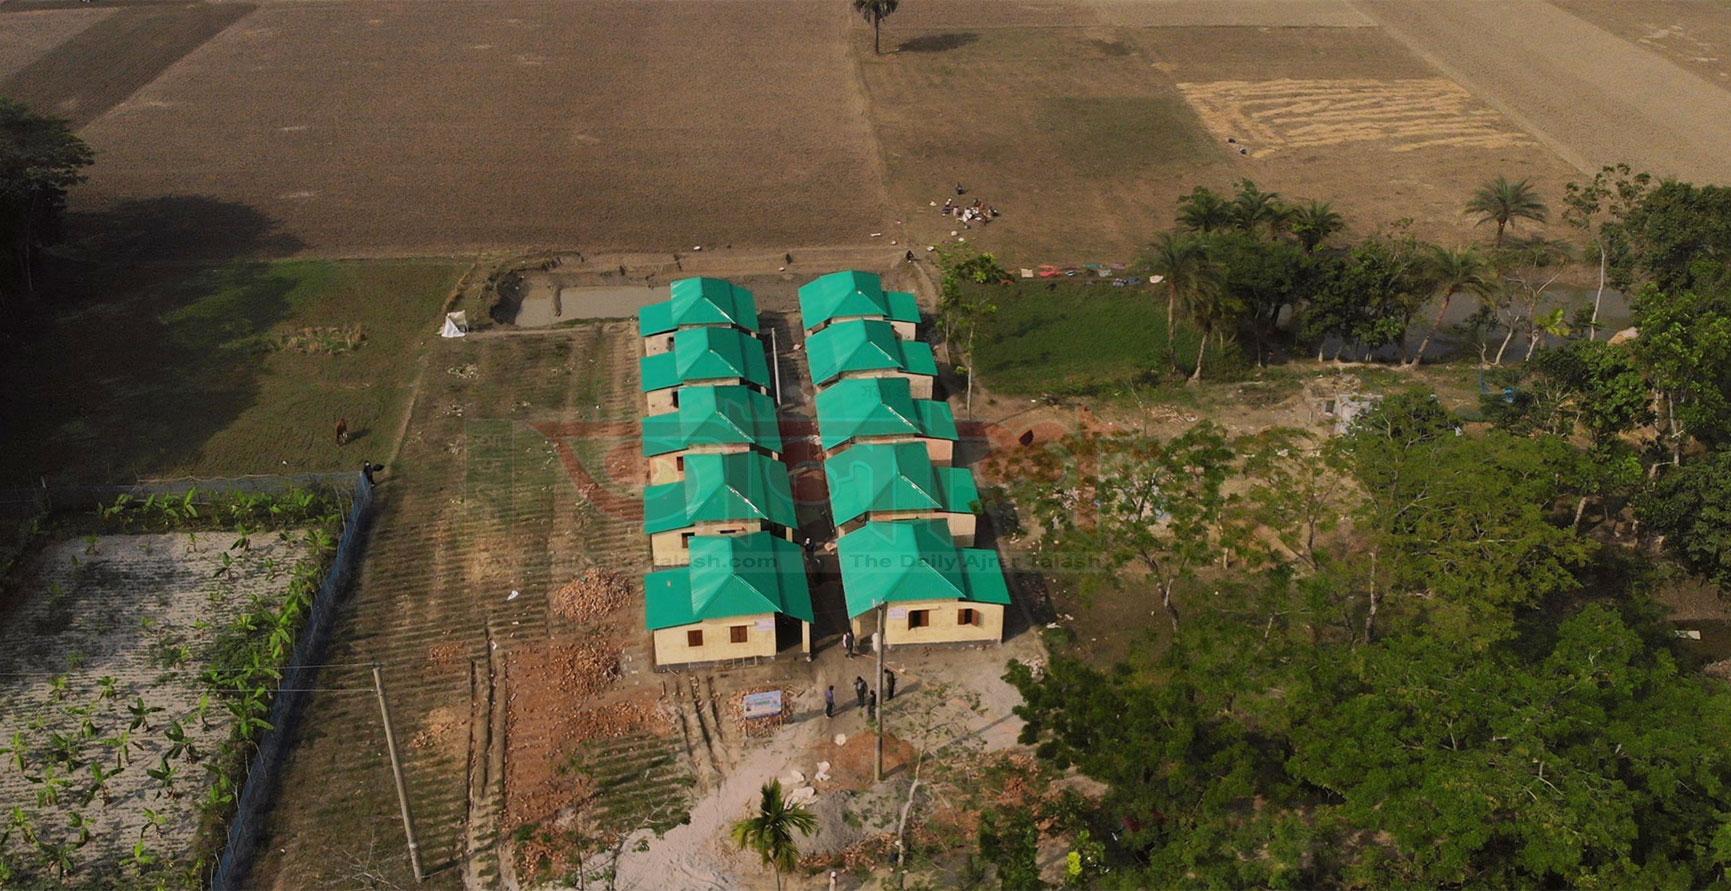 প্রধানমন্ত্রীর উপহার পাচ্ছে হিজলা উপজেলার ৫১টি পরিবার